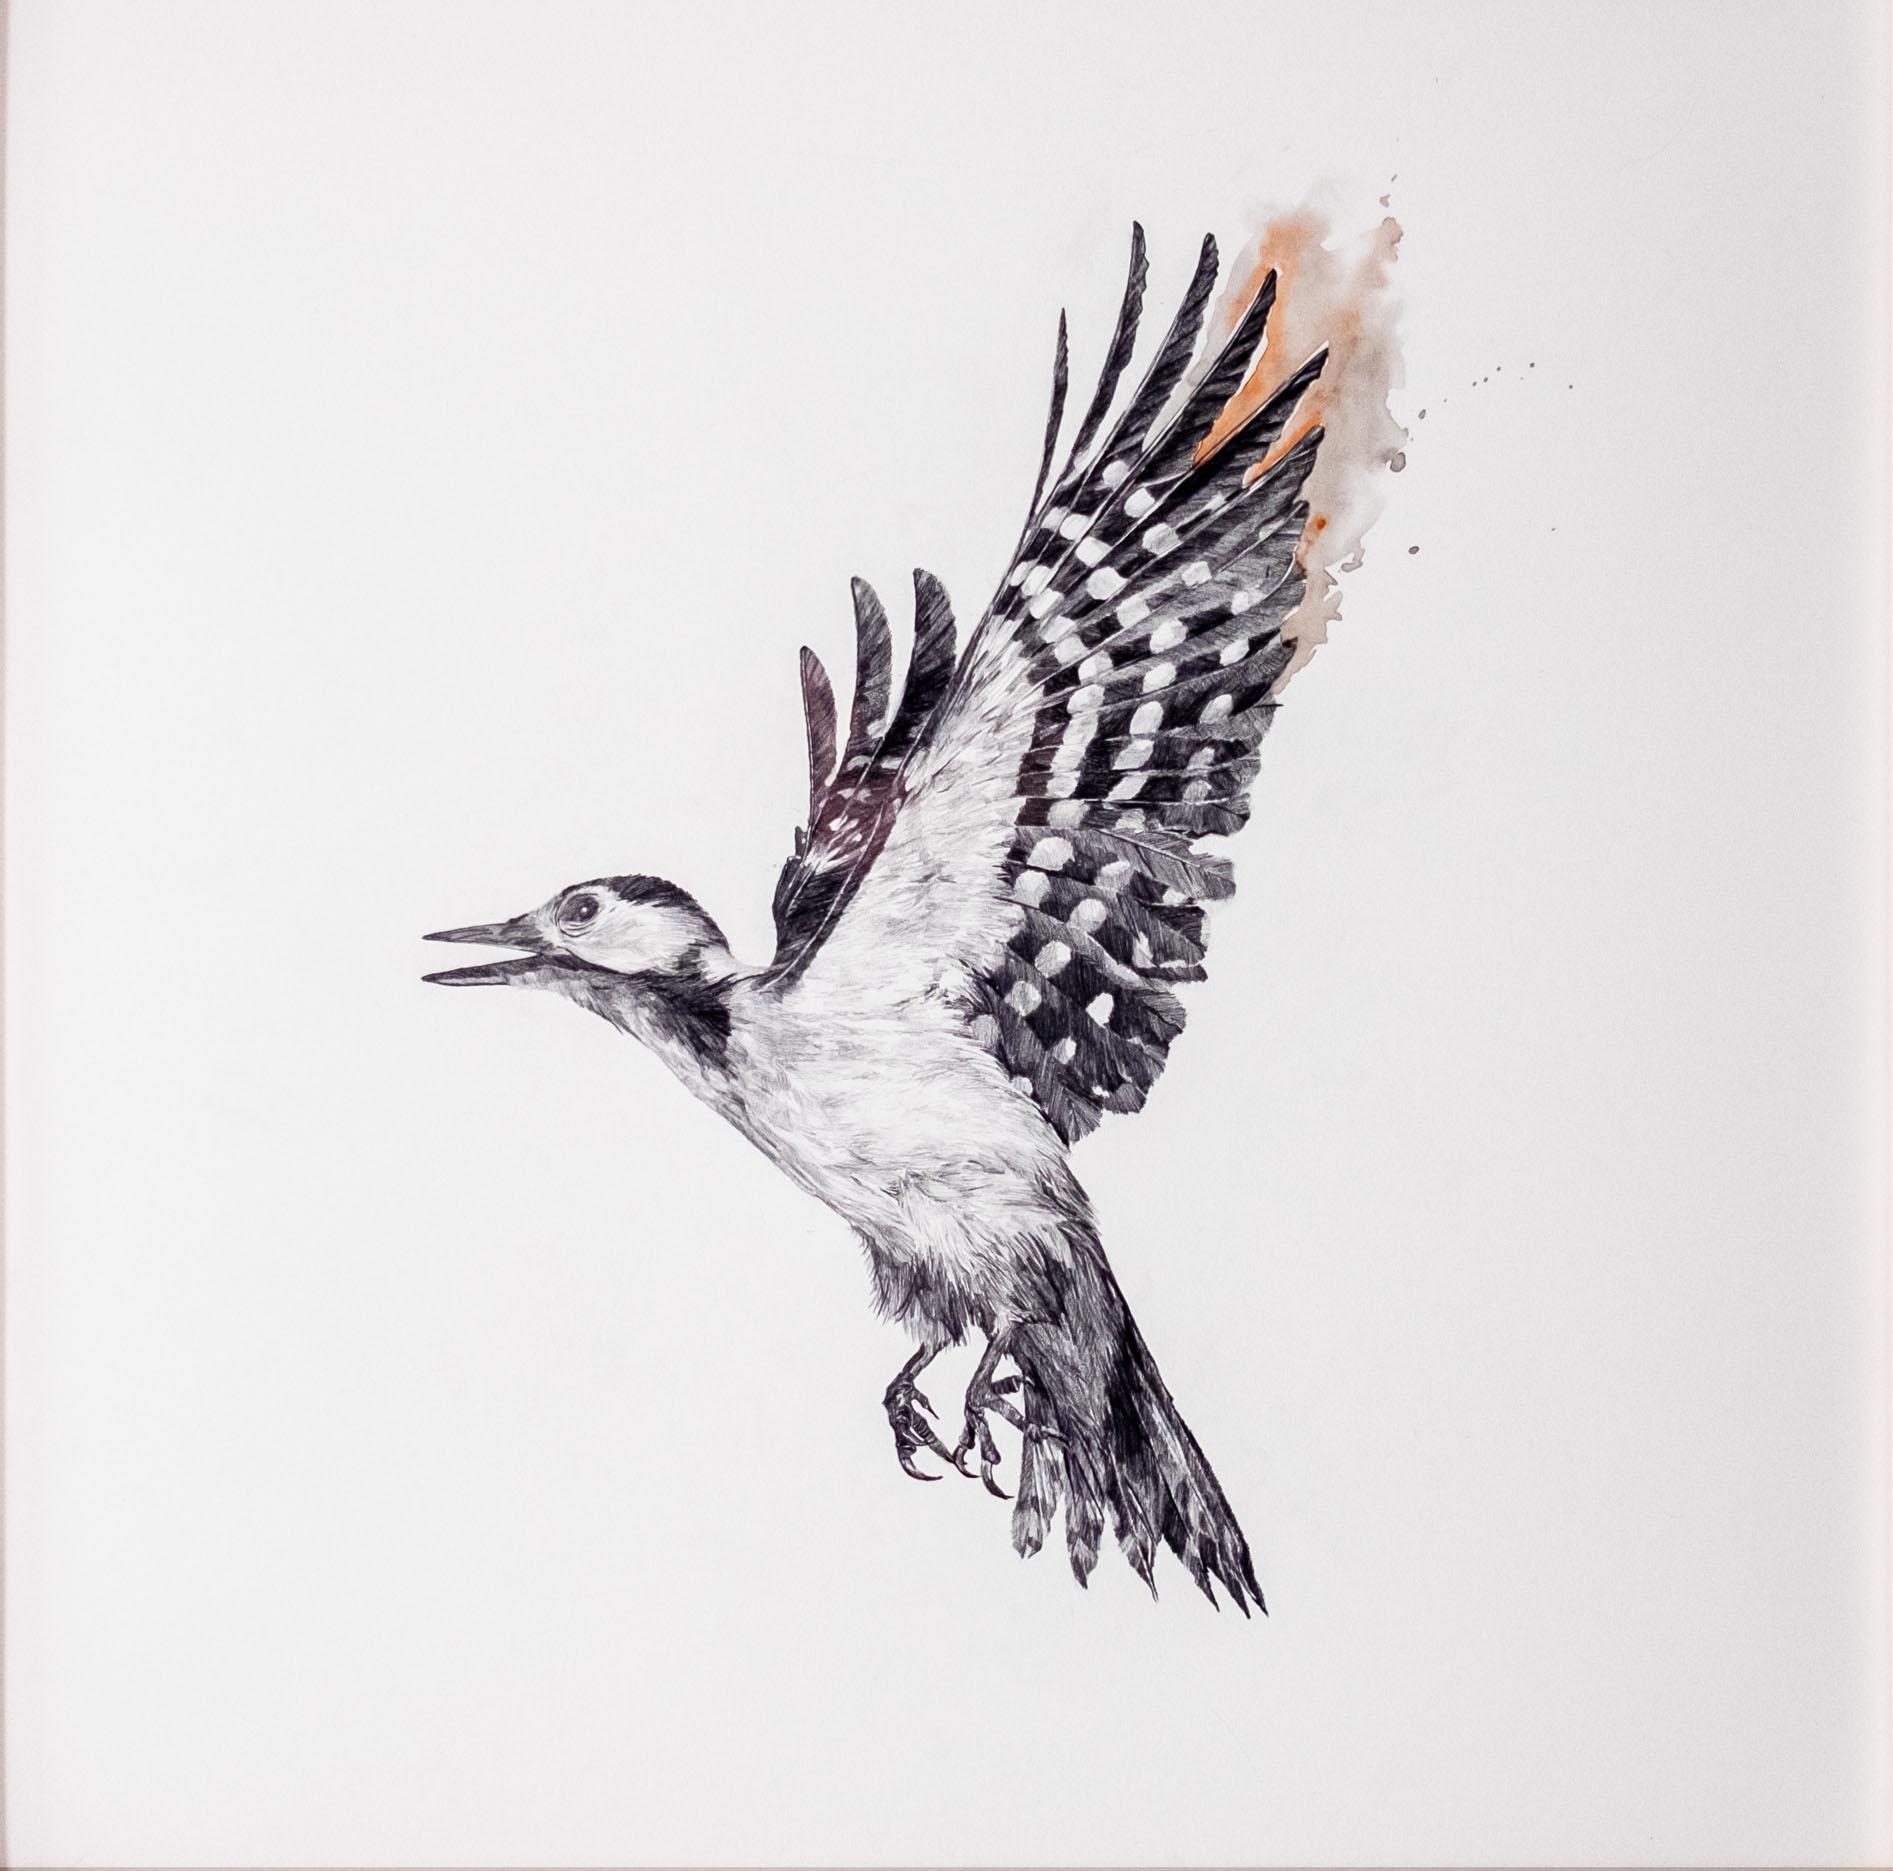 Bewegungsstudie Specht III 70x70cm pencil,watercolor 2021